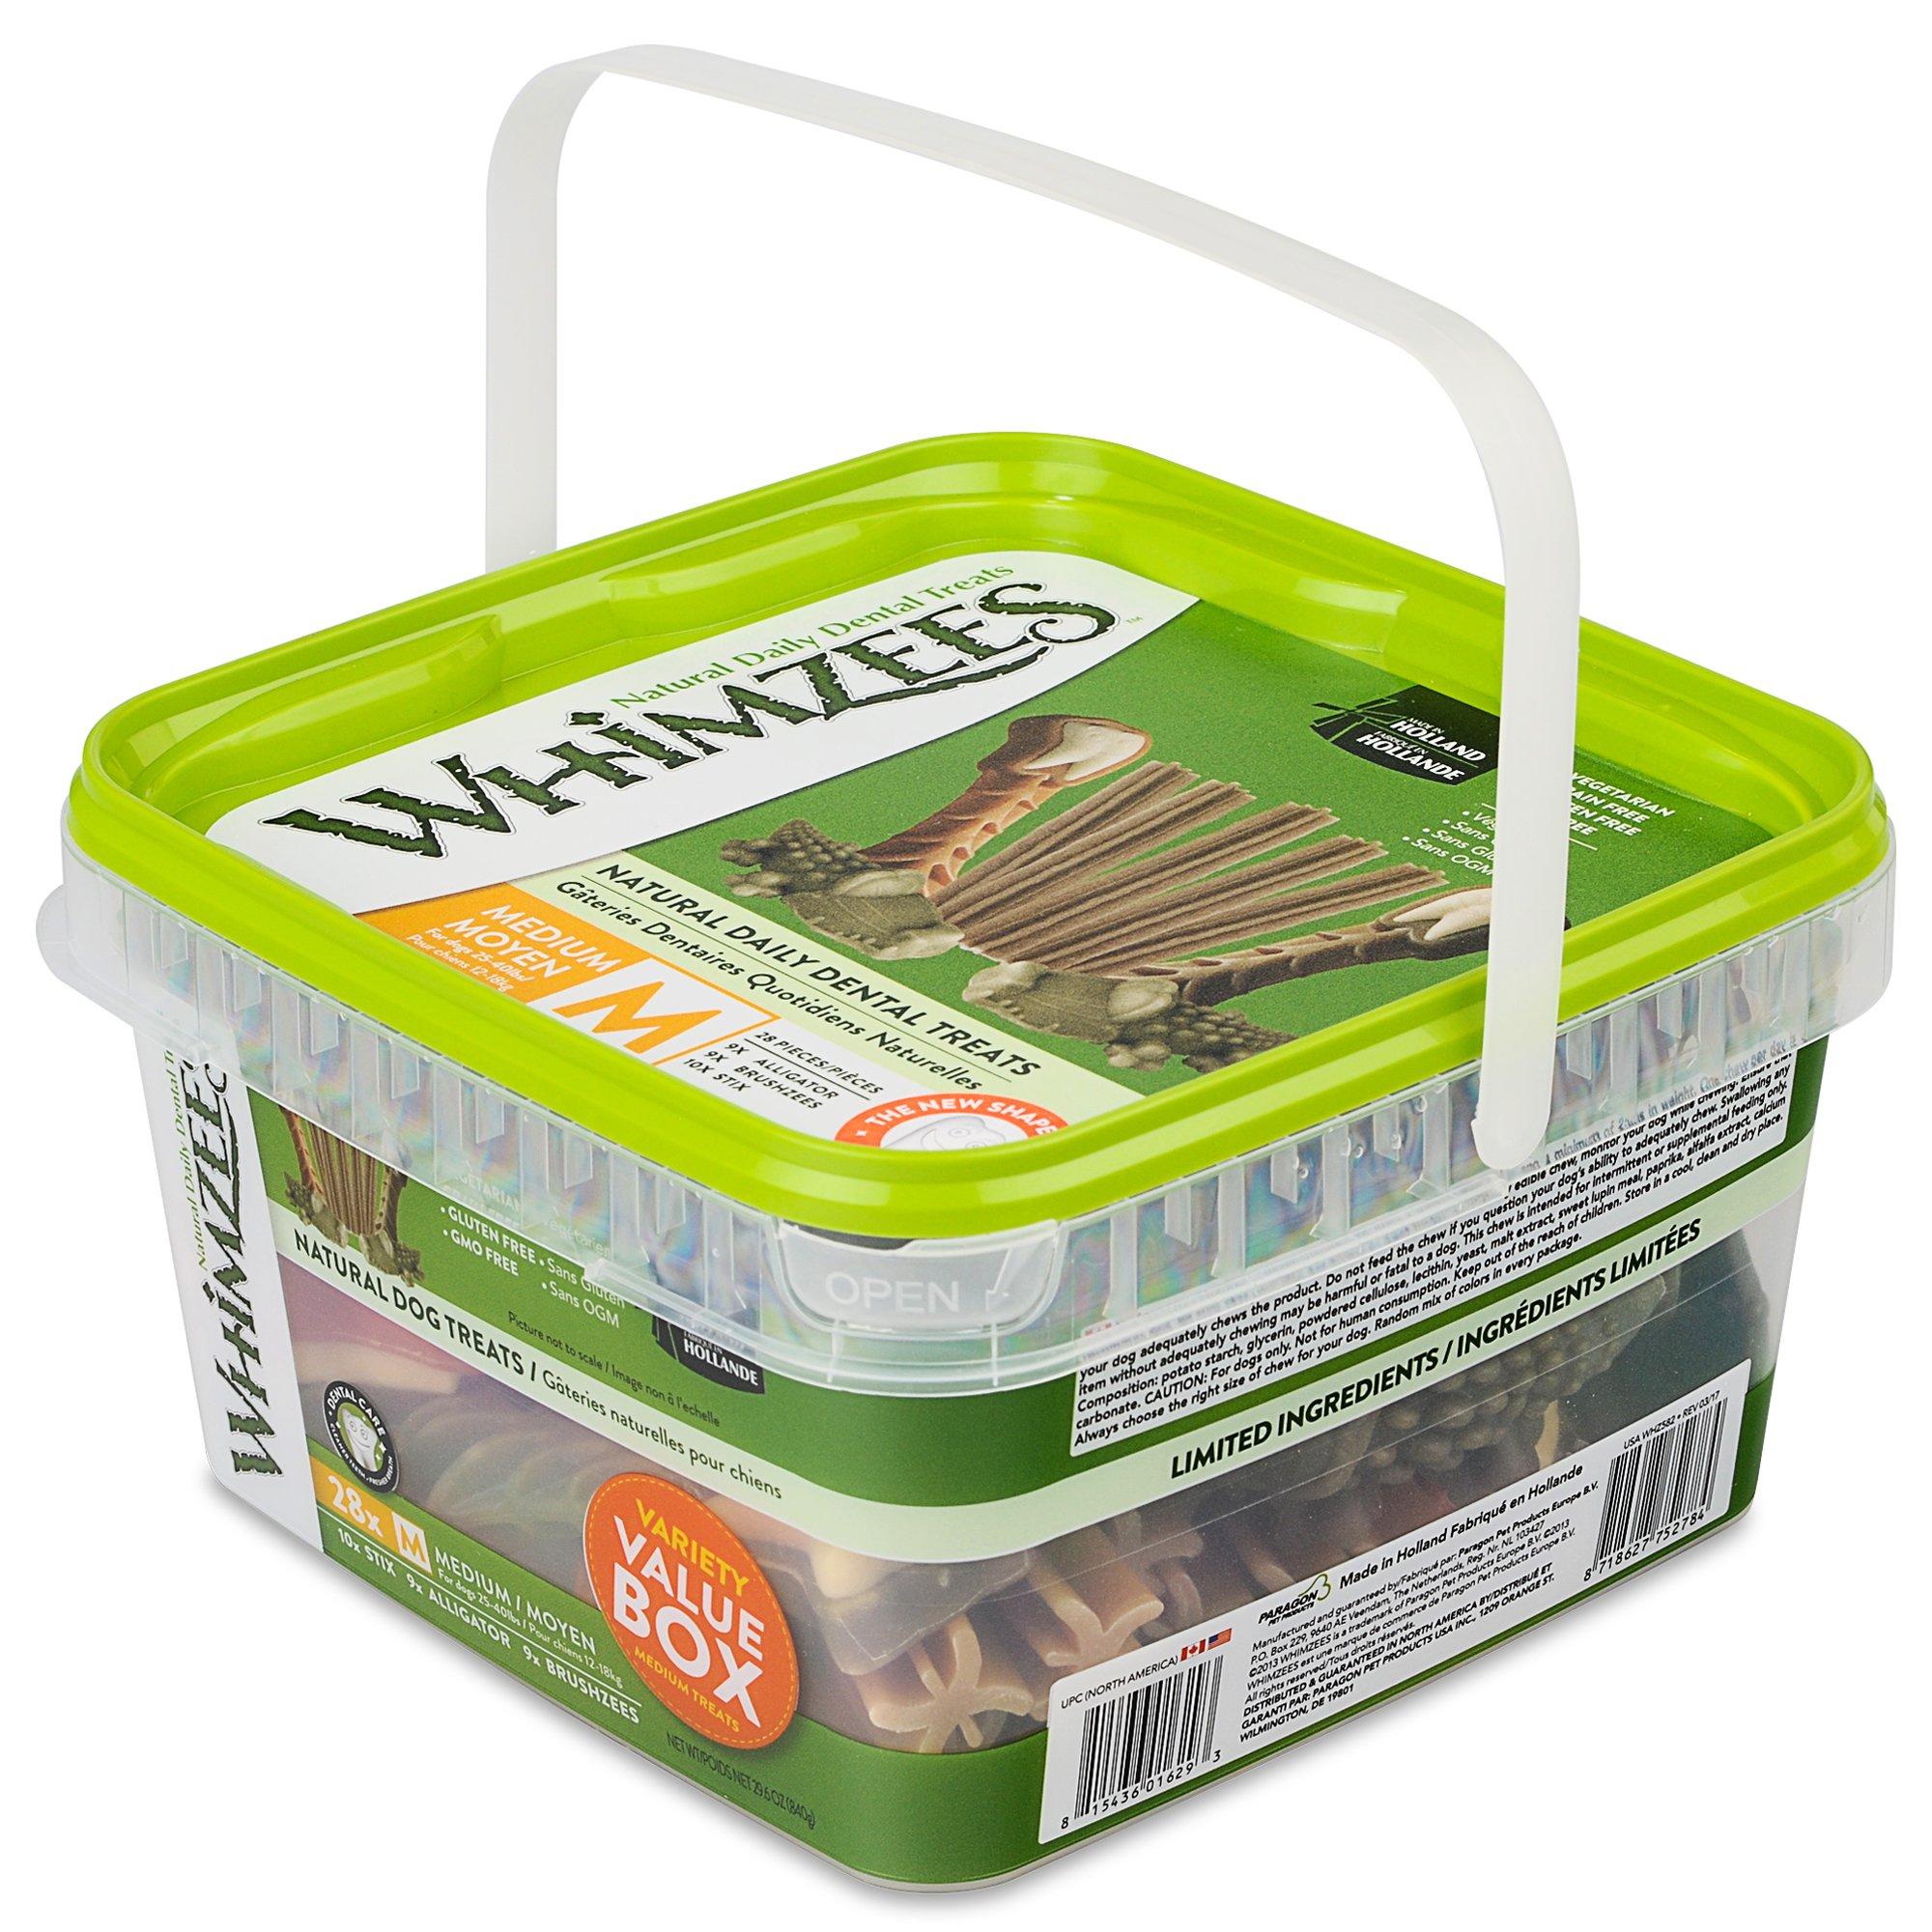 Whimzees Natural Grain Free Daily Dental Dog Treats, Medium Variety Pack, Box of 28